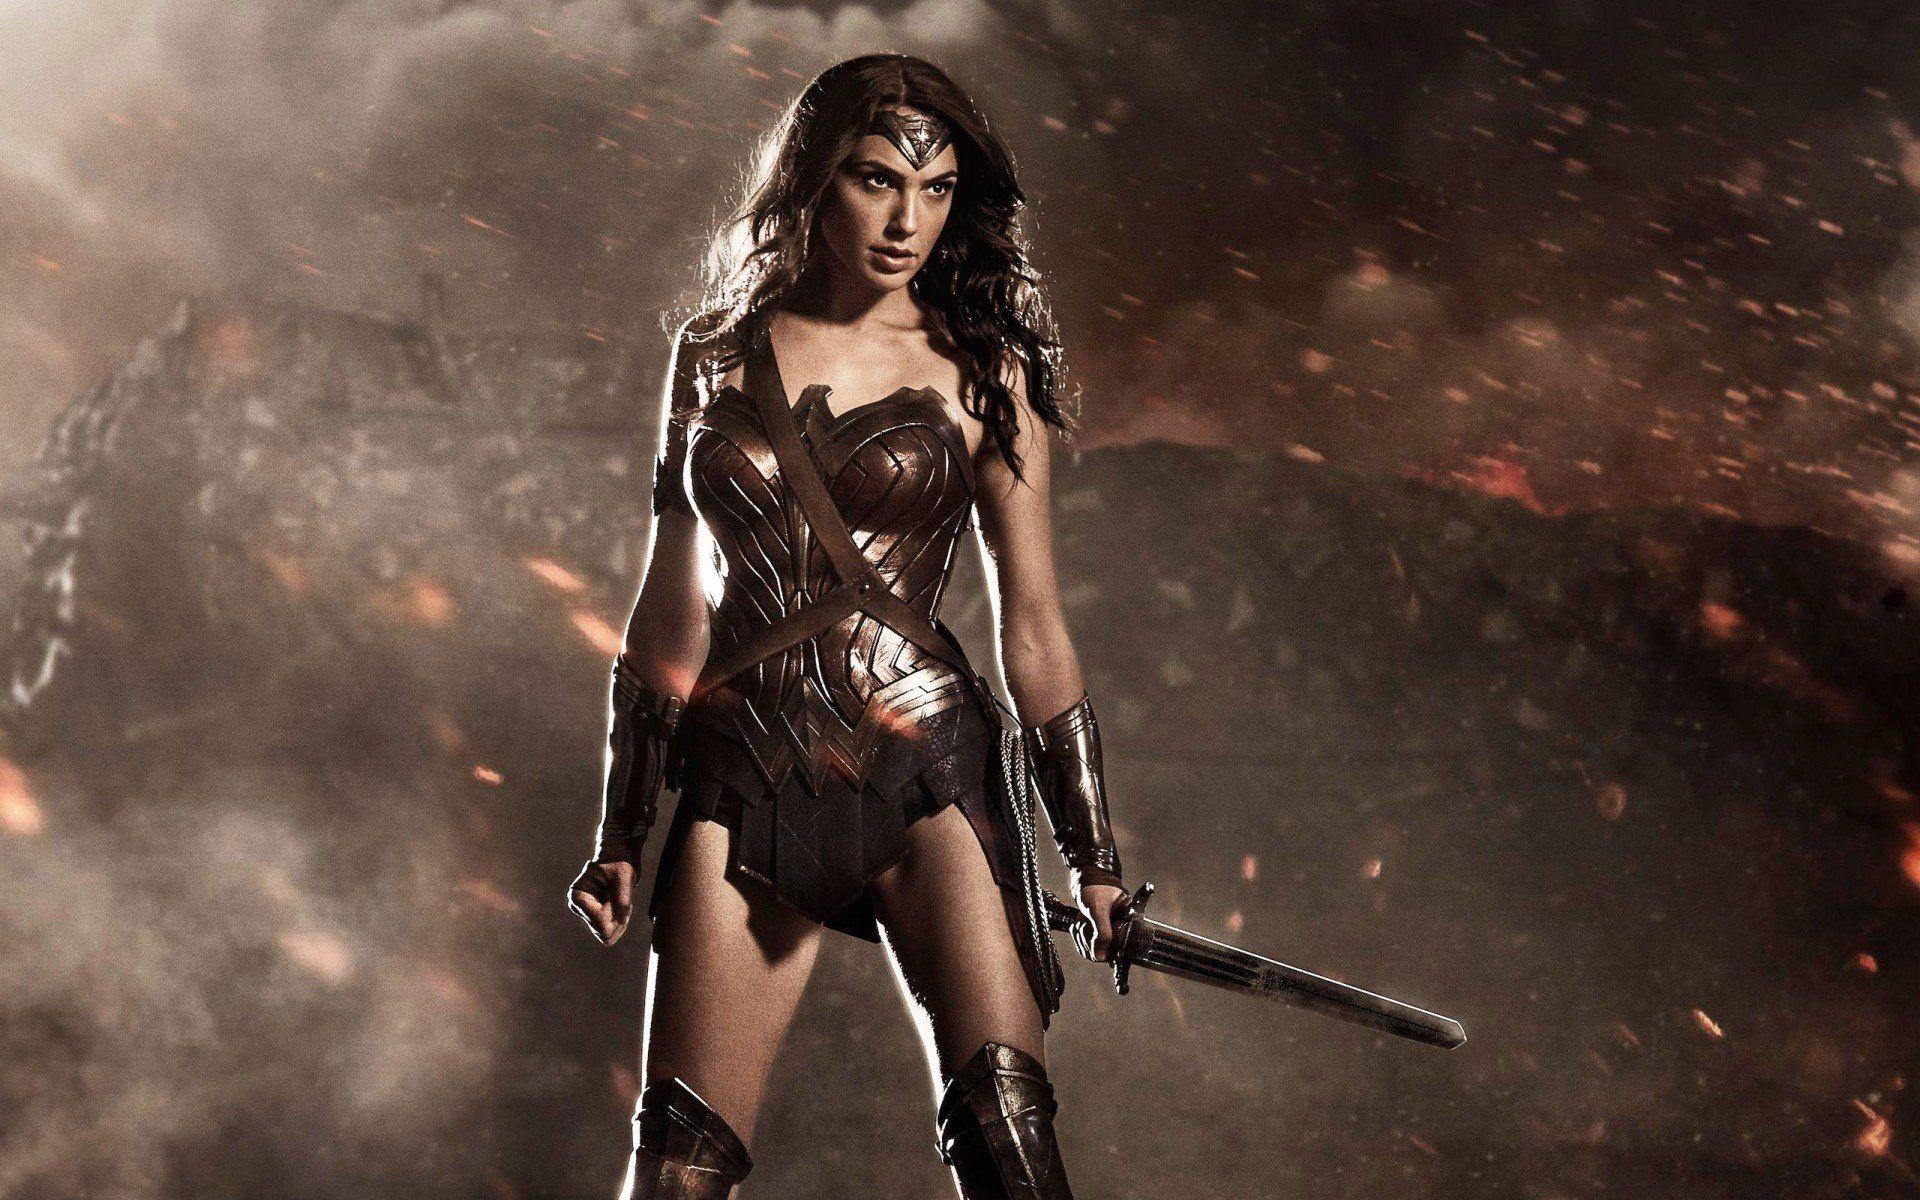 [CINEMA] Mulher Maravilha: Um grande símbolo do Feminismo